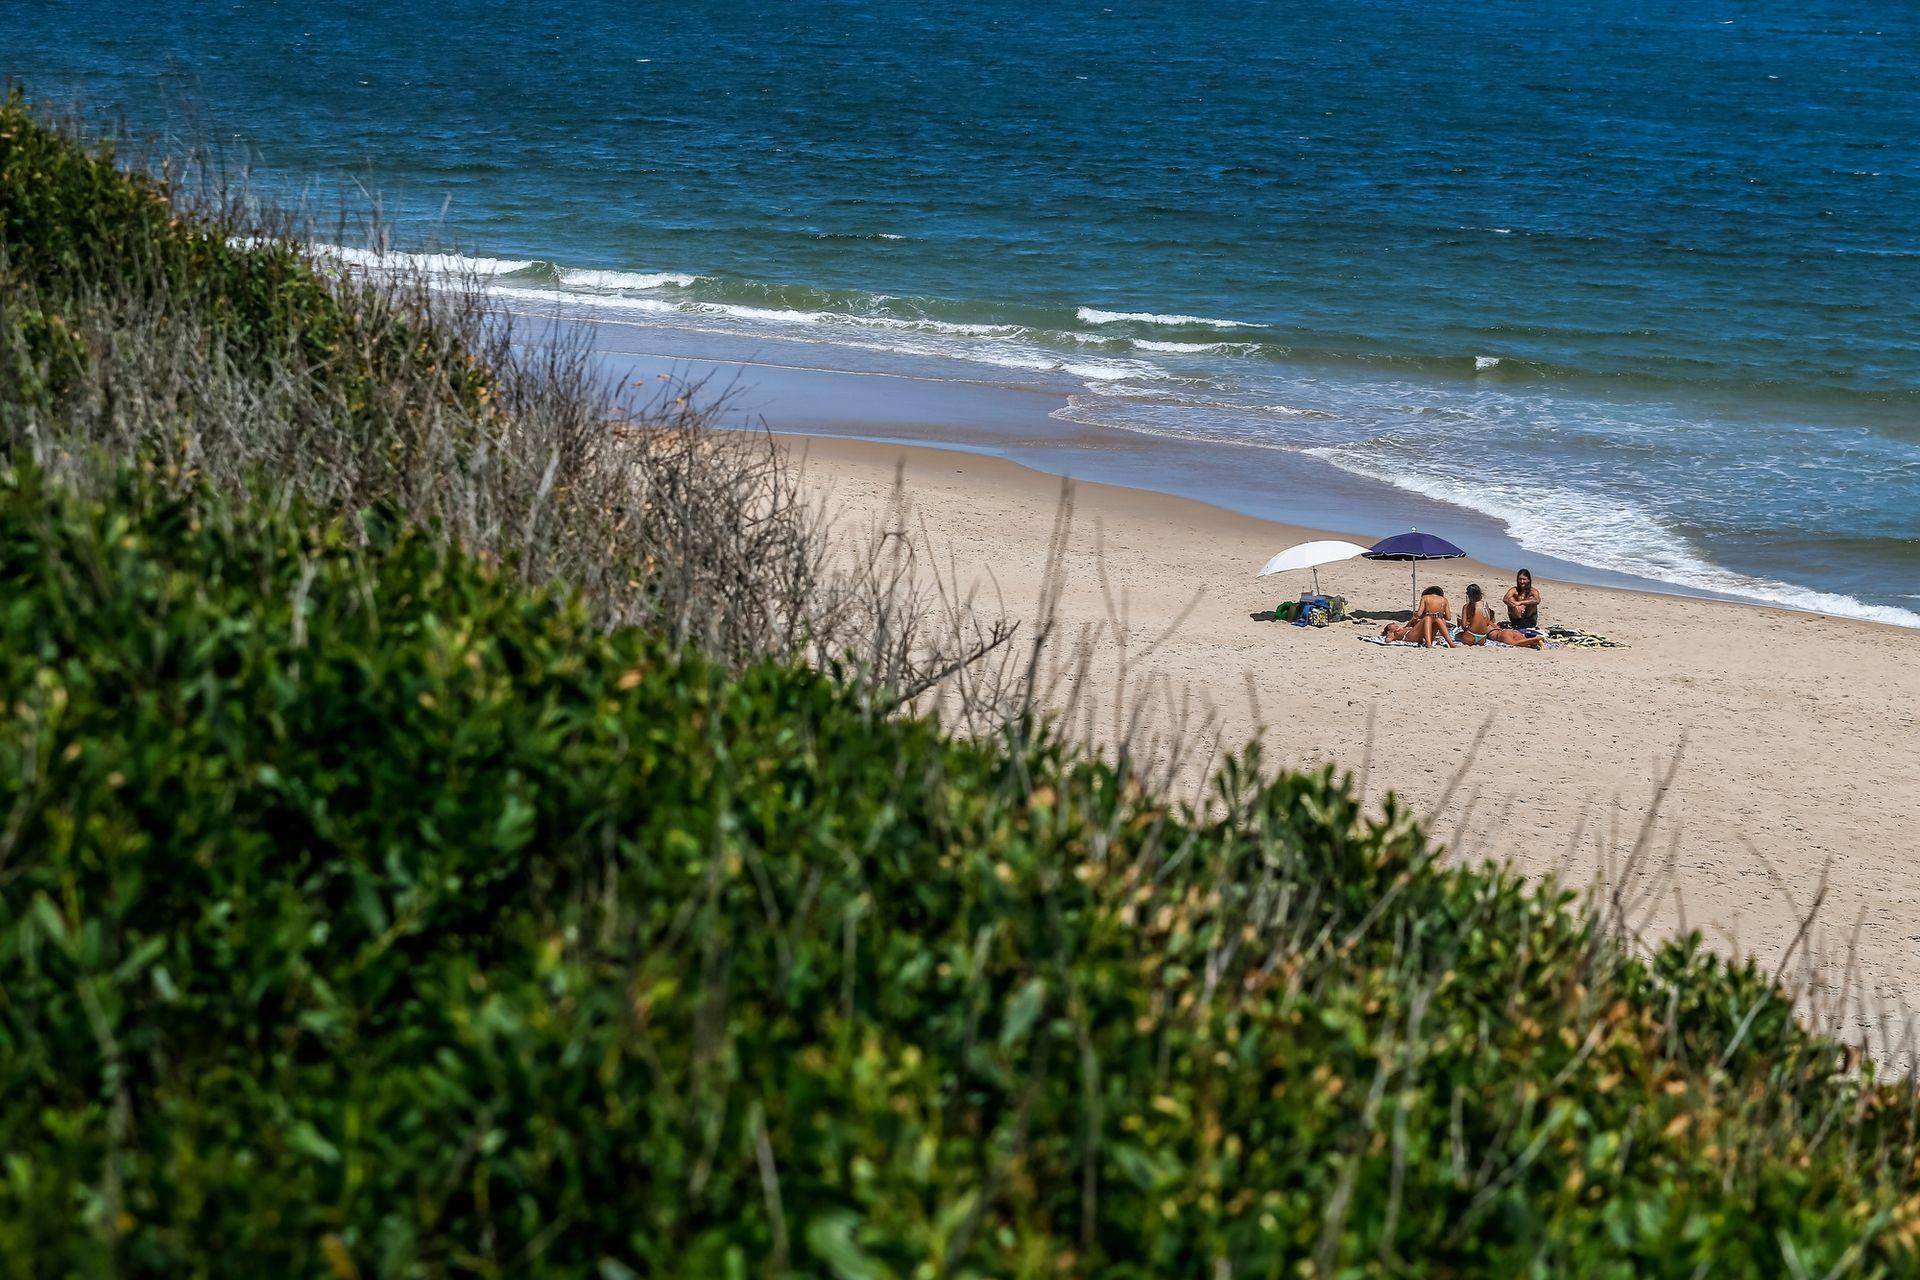 Las dunas y la vegetación sirven de escudo para que La Juanita casi pase desapercibida desde la ruta 10